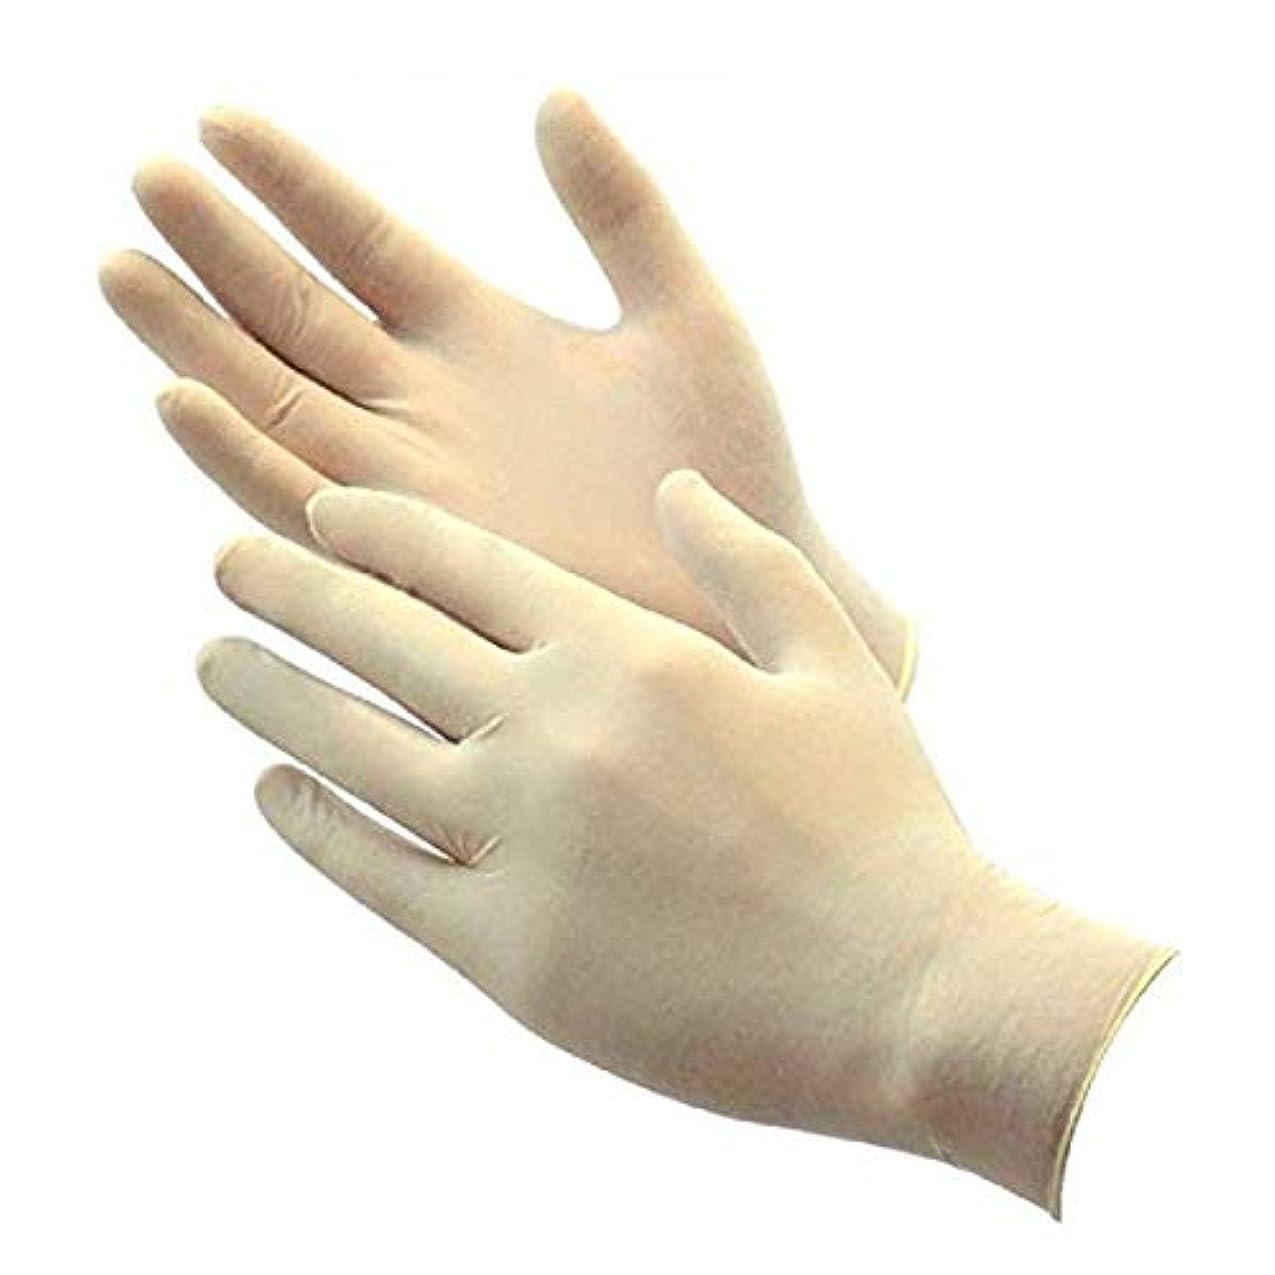 処方敗北カッター高品質ラテックス手袋(クリーンパック)100枚入り (L)